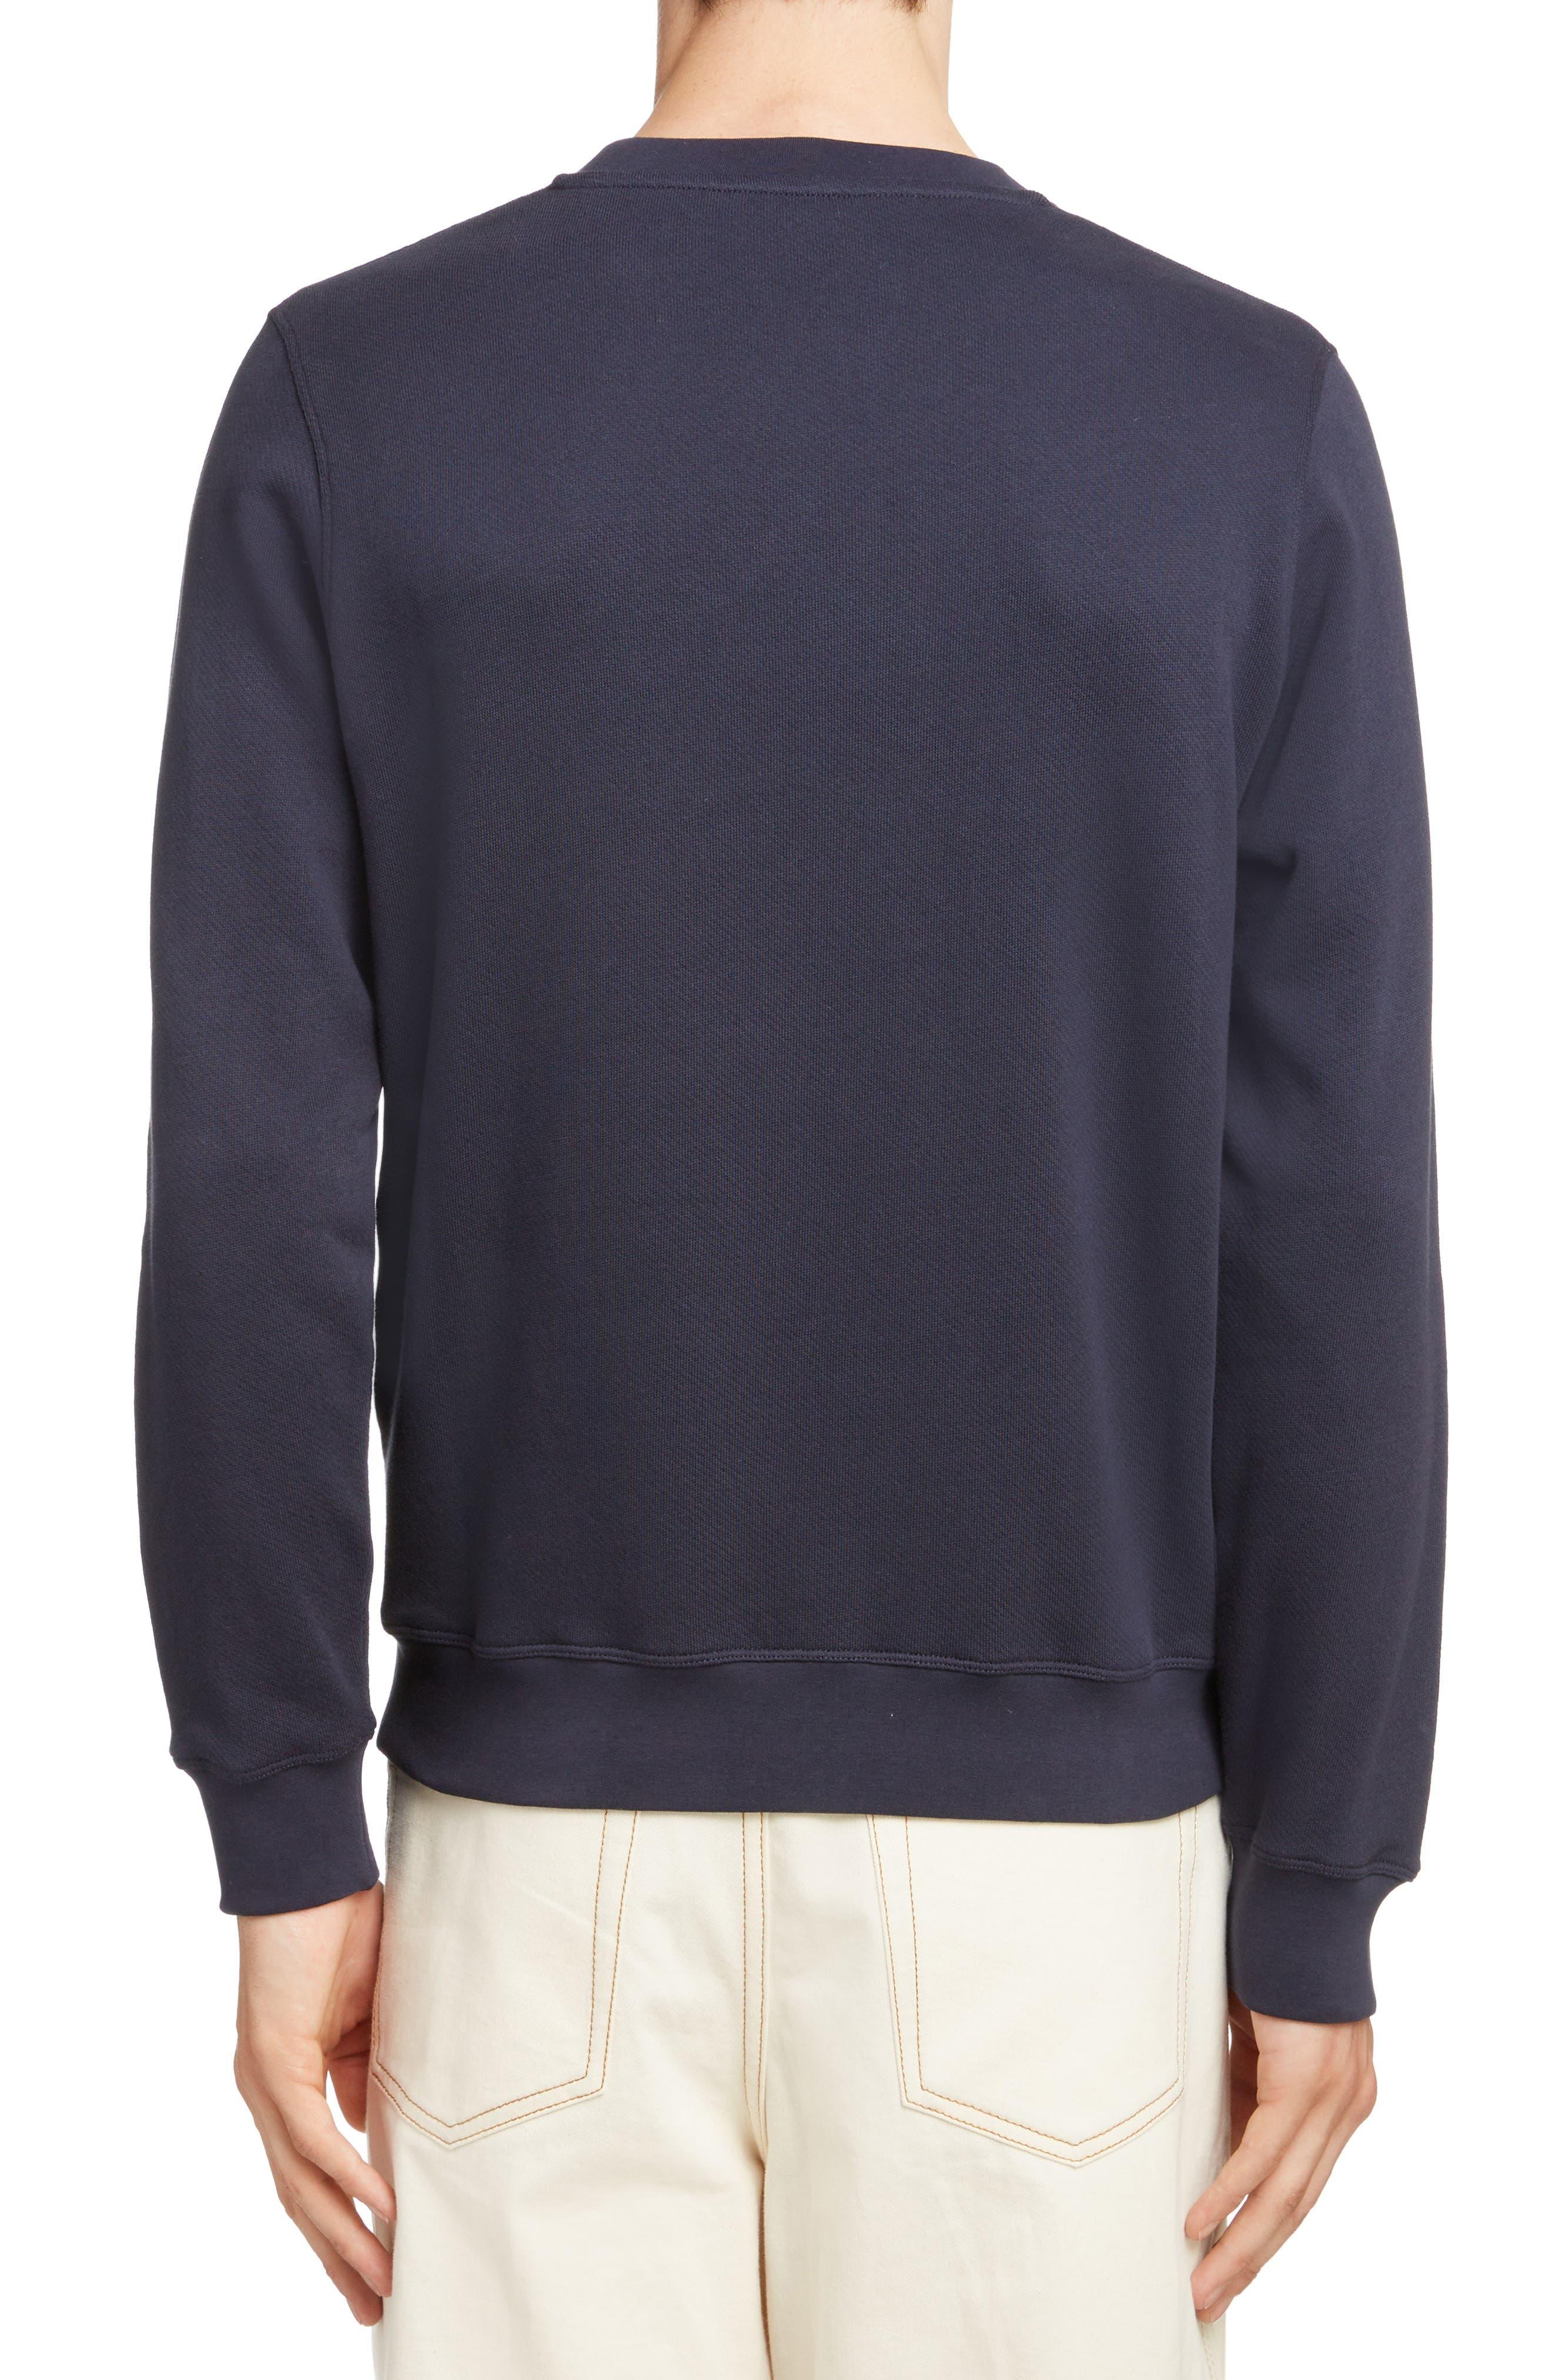 LOEWE, Anagram Sweatshirt, Alternate thumbnail 2, color, 5387-NAVY BLUE/ MULTICOLOR